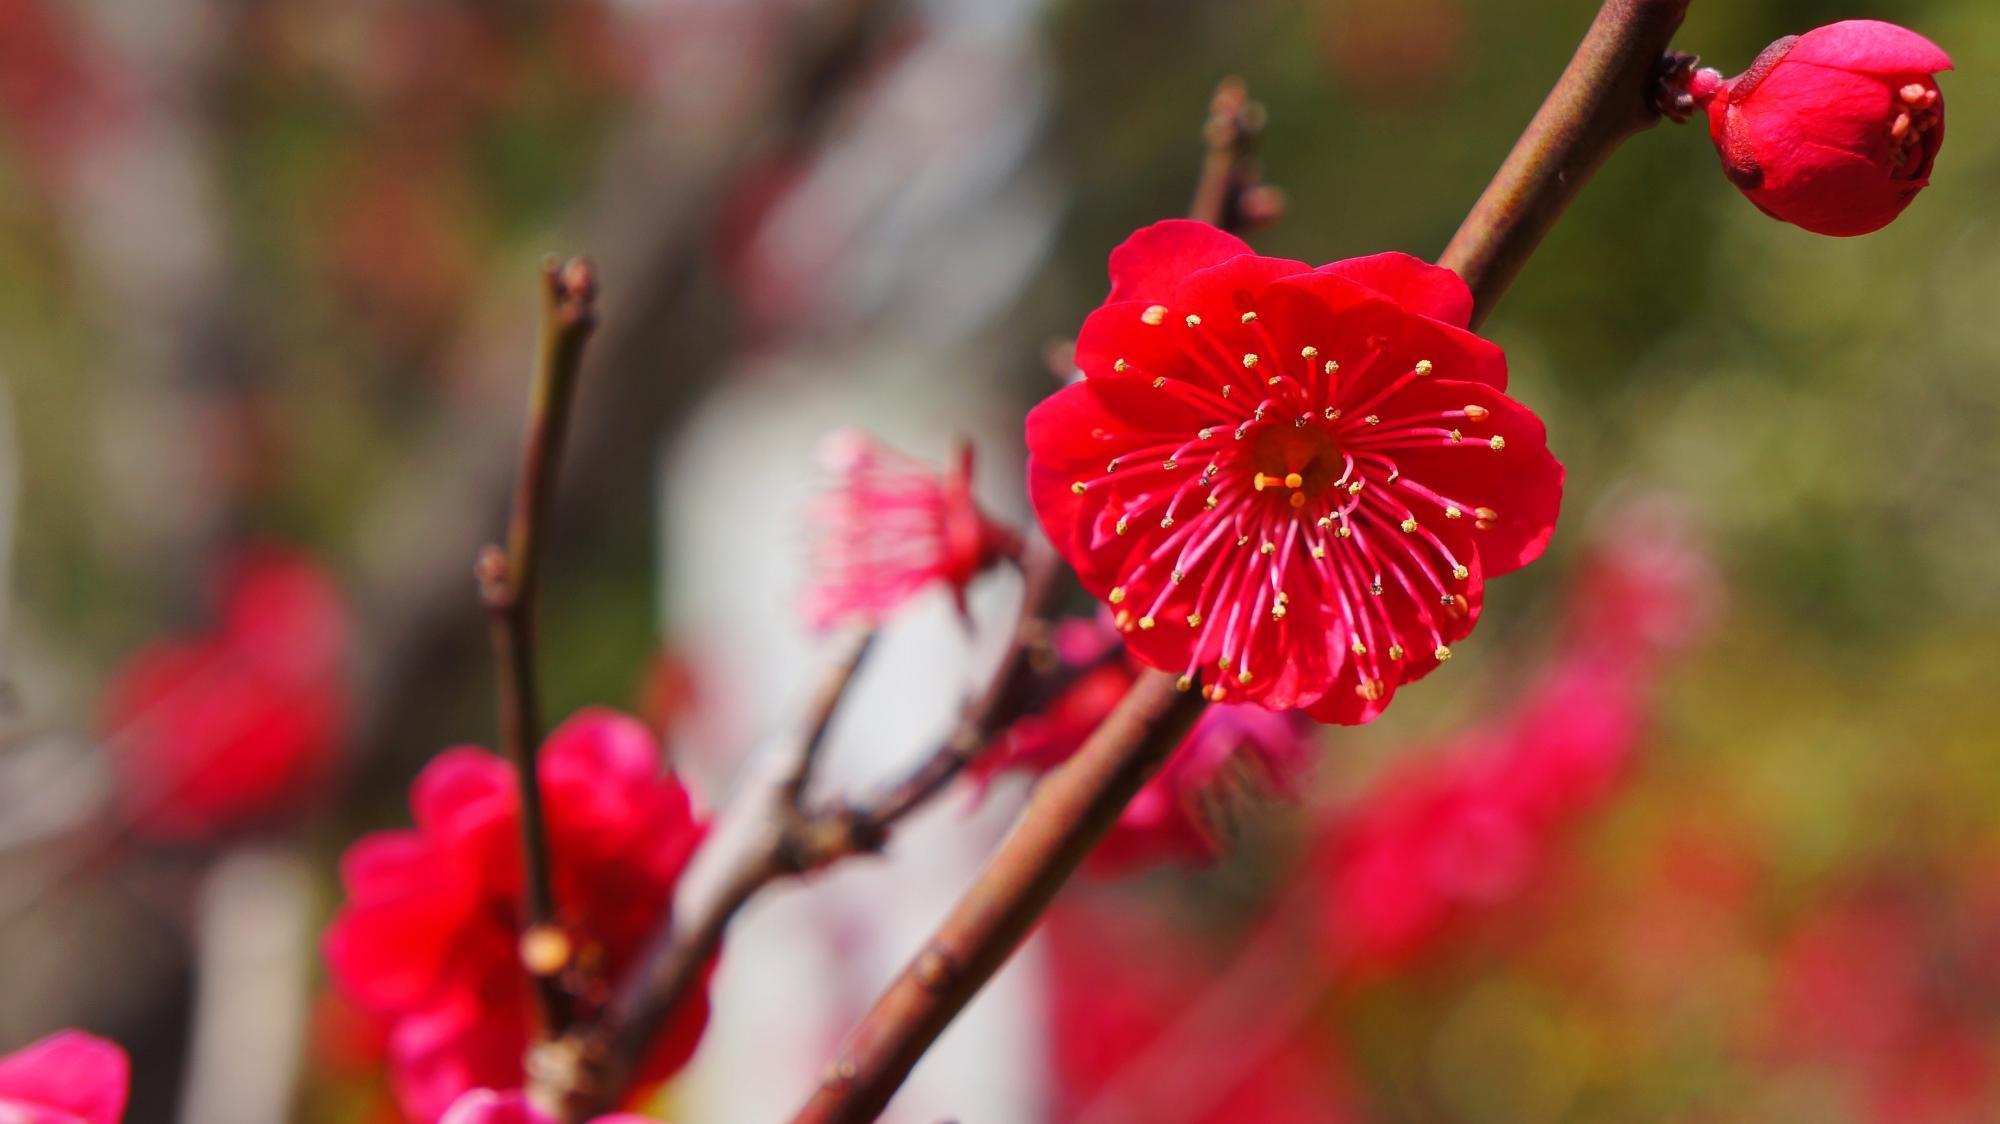 ビビッドな濃いピンクの梅の花が咲く金堂前